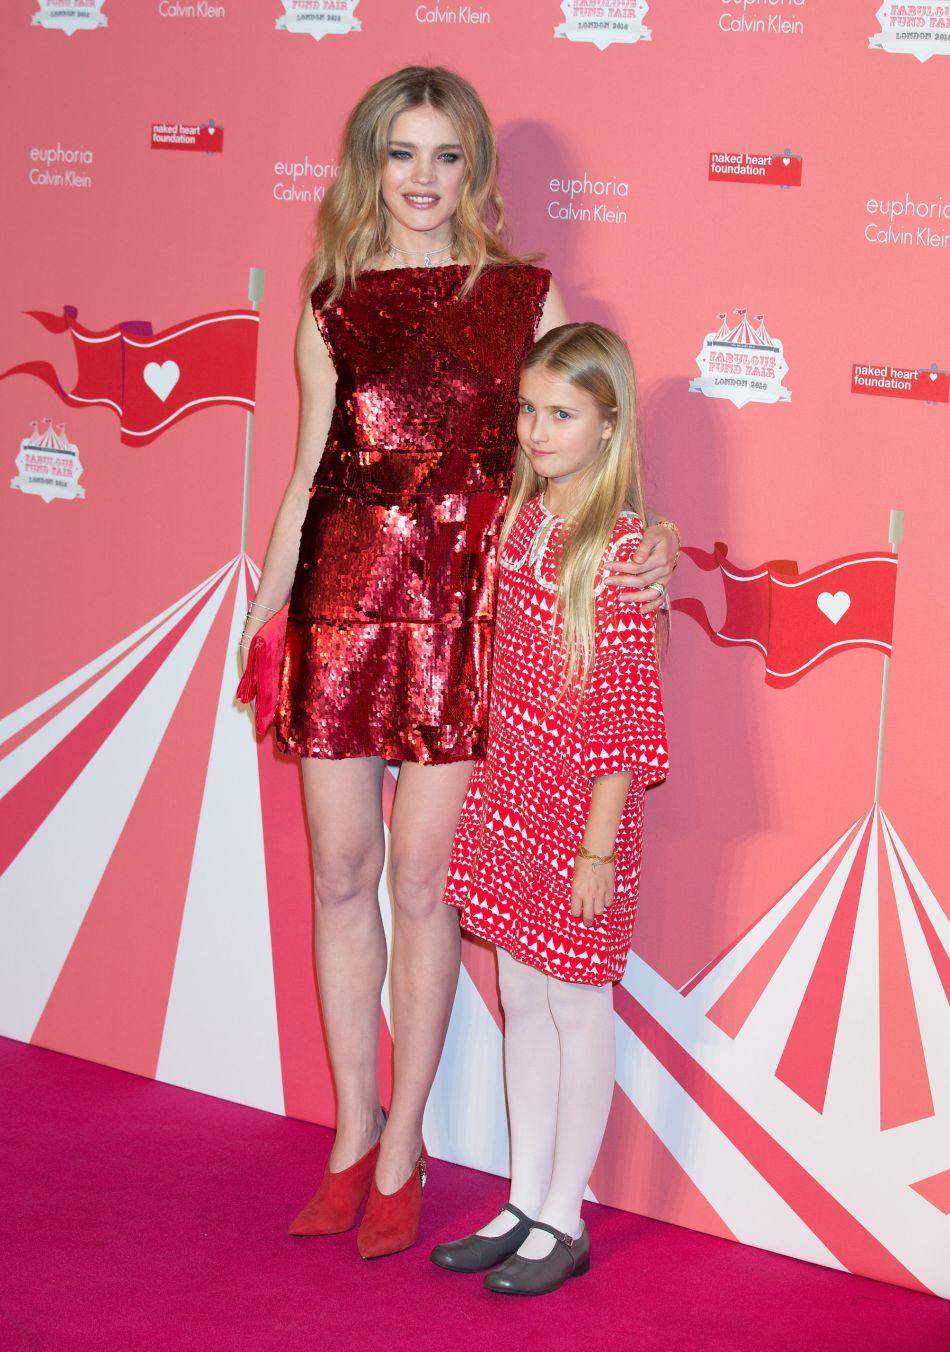 """Natalia Vodianova et sa fille Neva Portman à la soirée """"Fabulous Fund Fair"""" organisée par l'association """"Naked Heart"""" lors de la Fashion Week à Londres, le 20 février 2016. Natalia Vodianova a quatre garçons et une fille."""